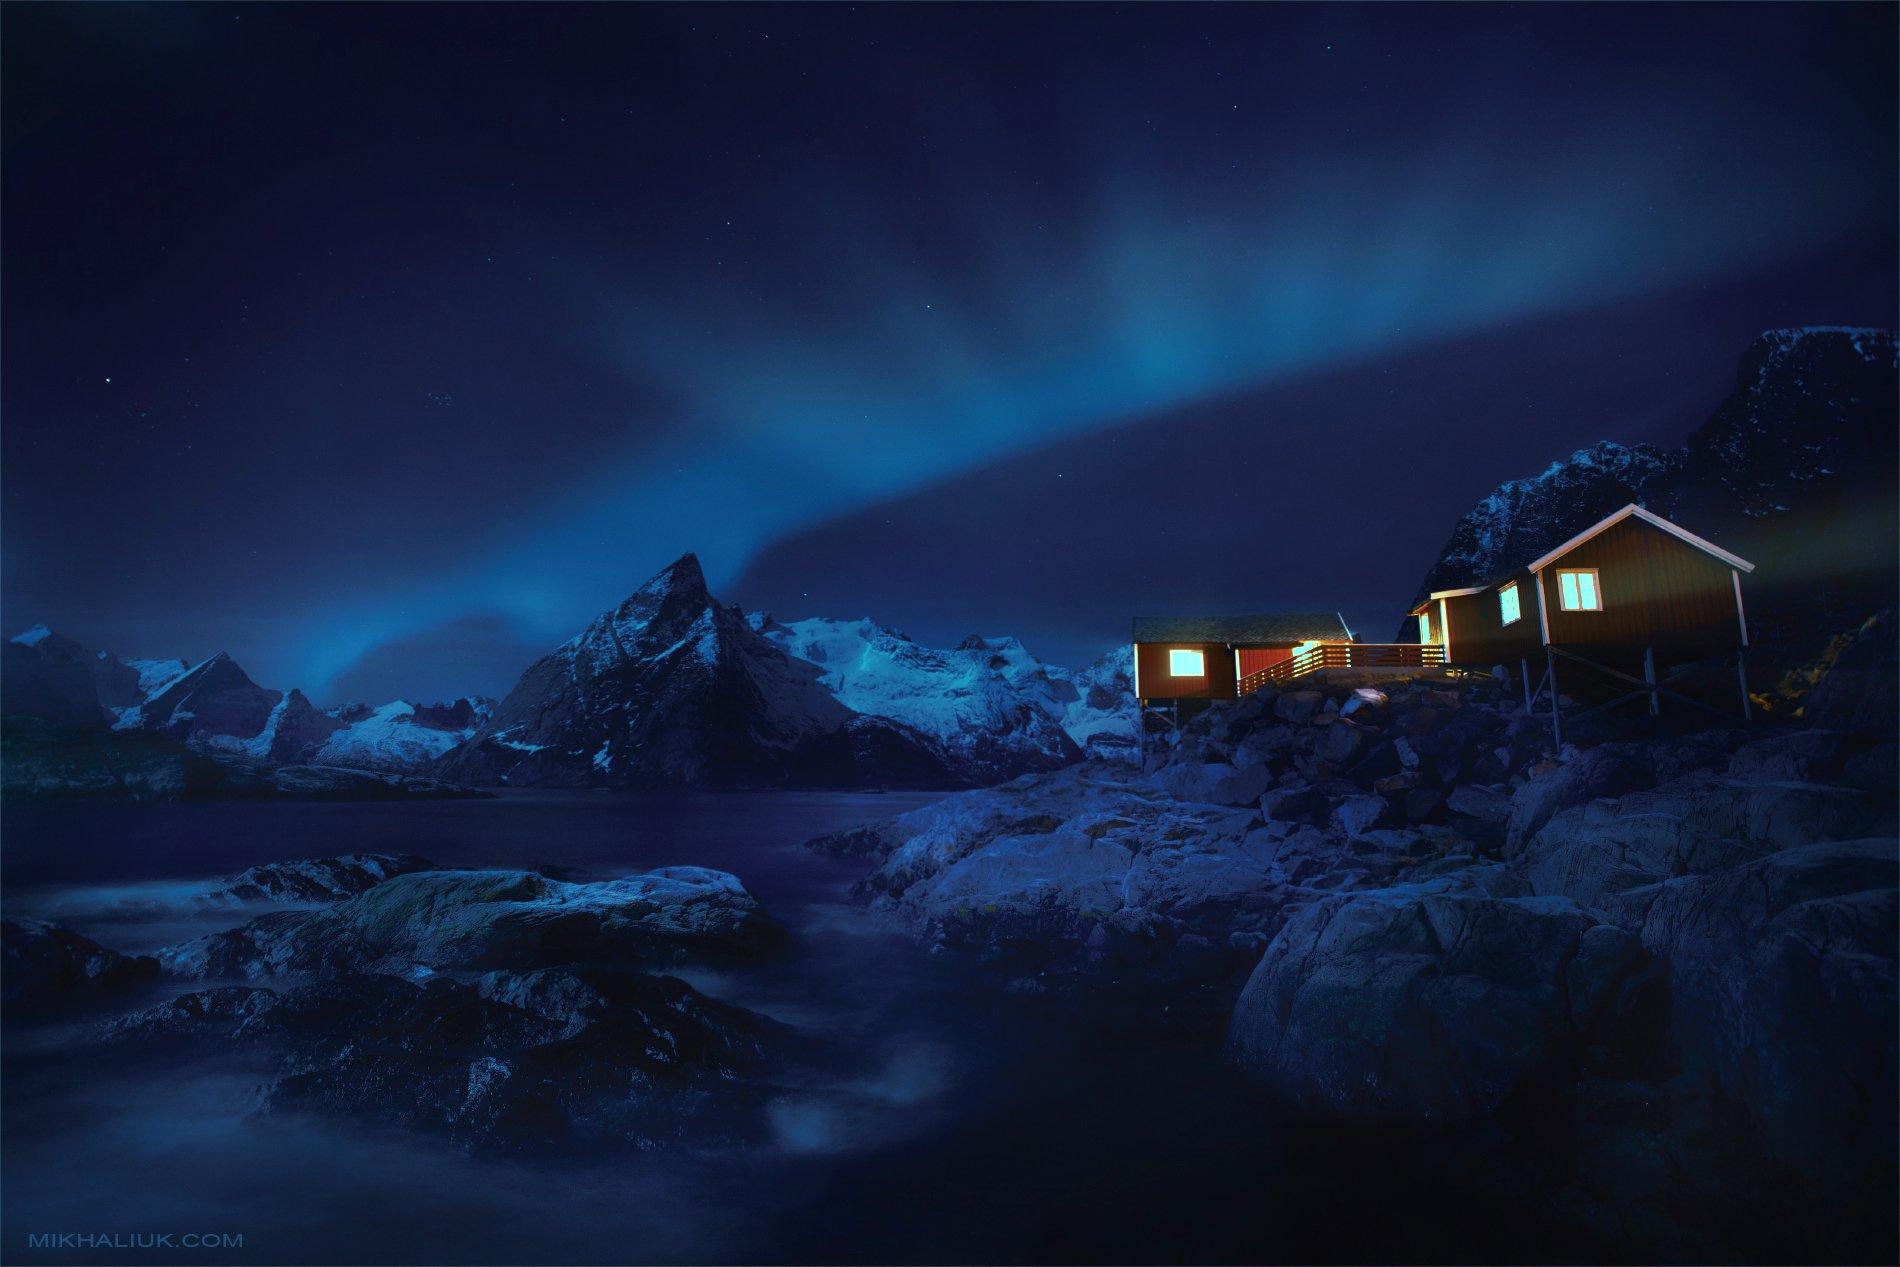 lofoten, at, night, Михалюк Сергей *